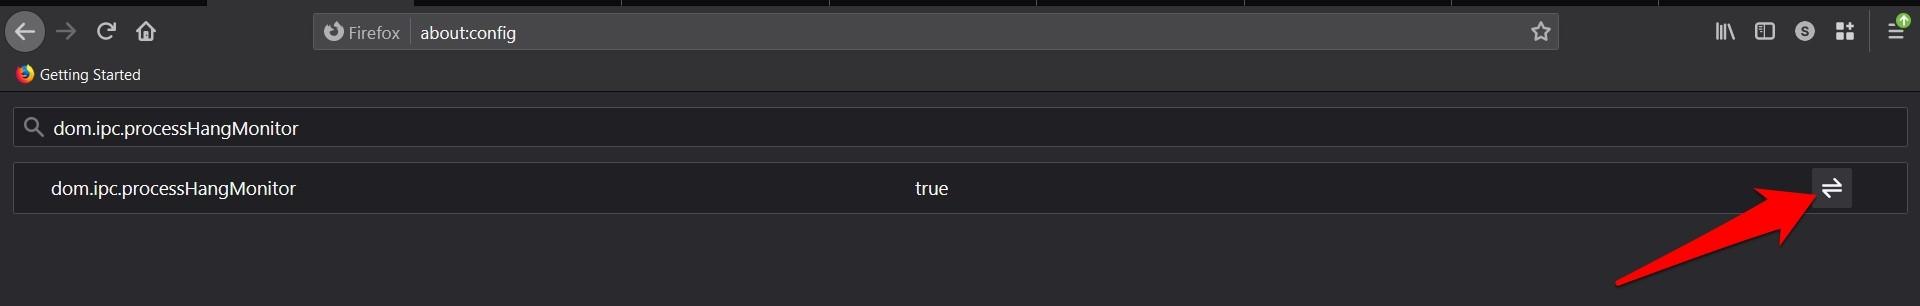 如何修复:网站在 Firefox 中降低了浏览器的速度?